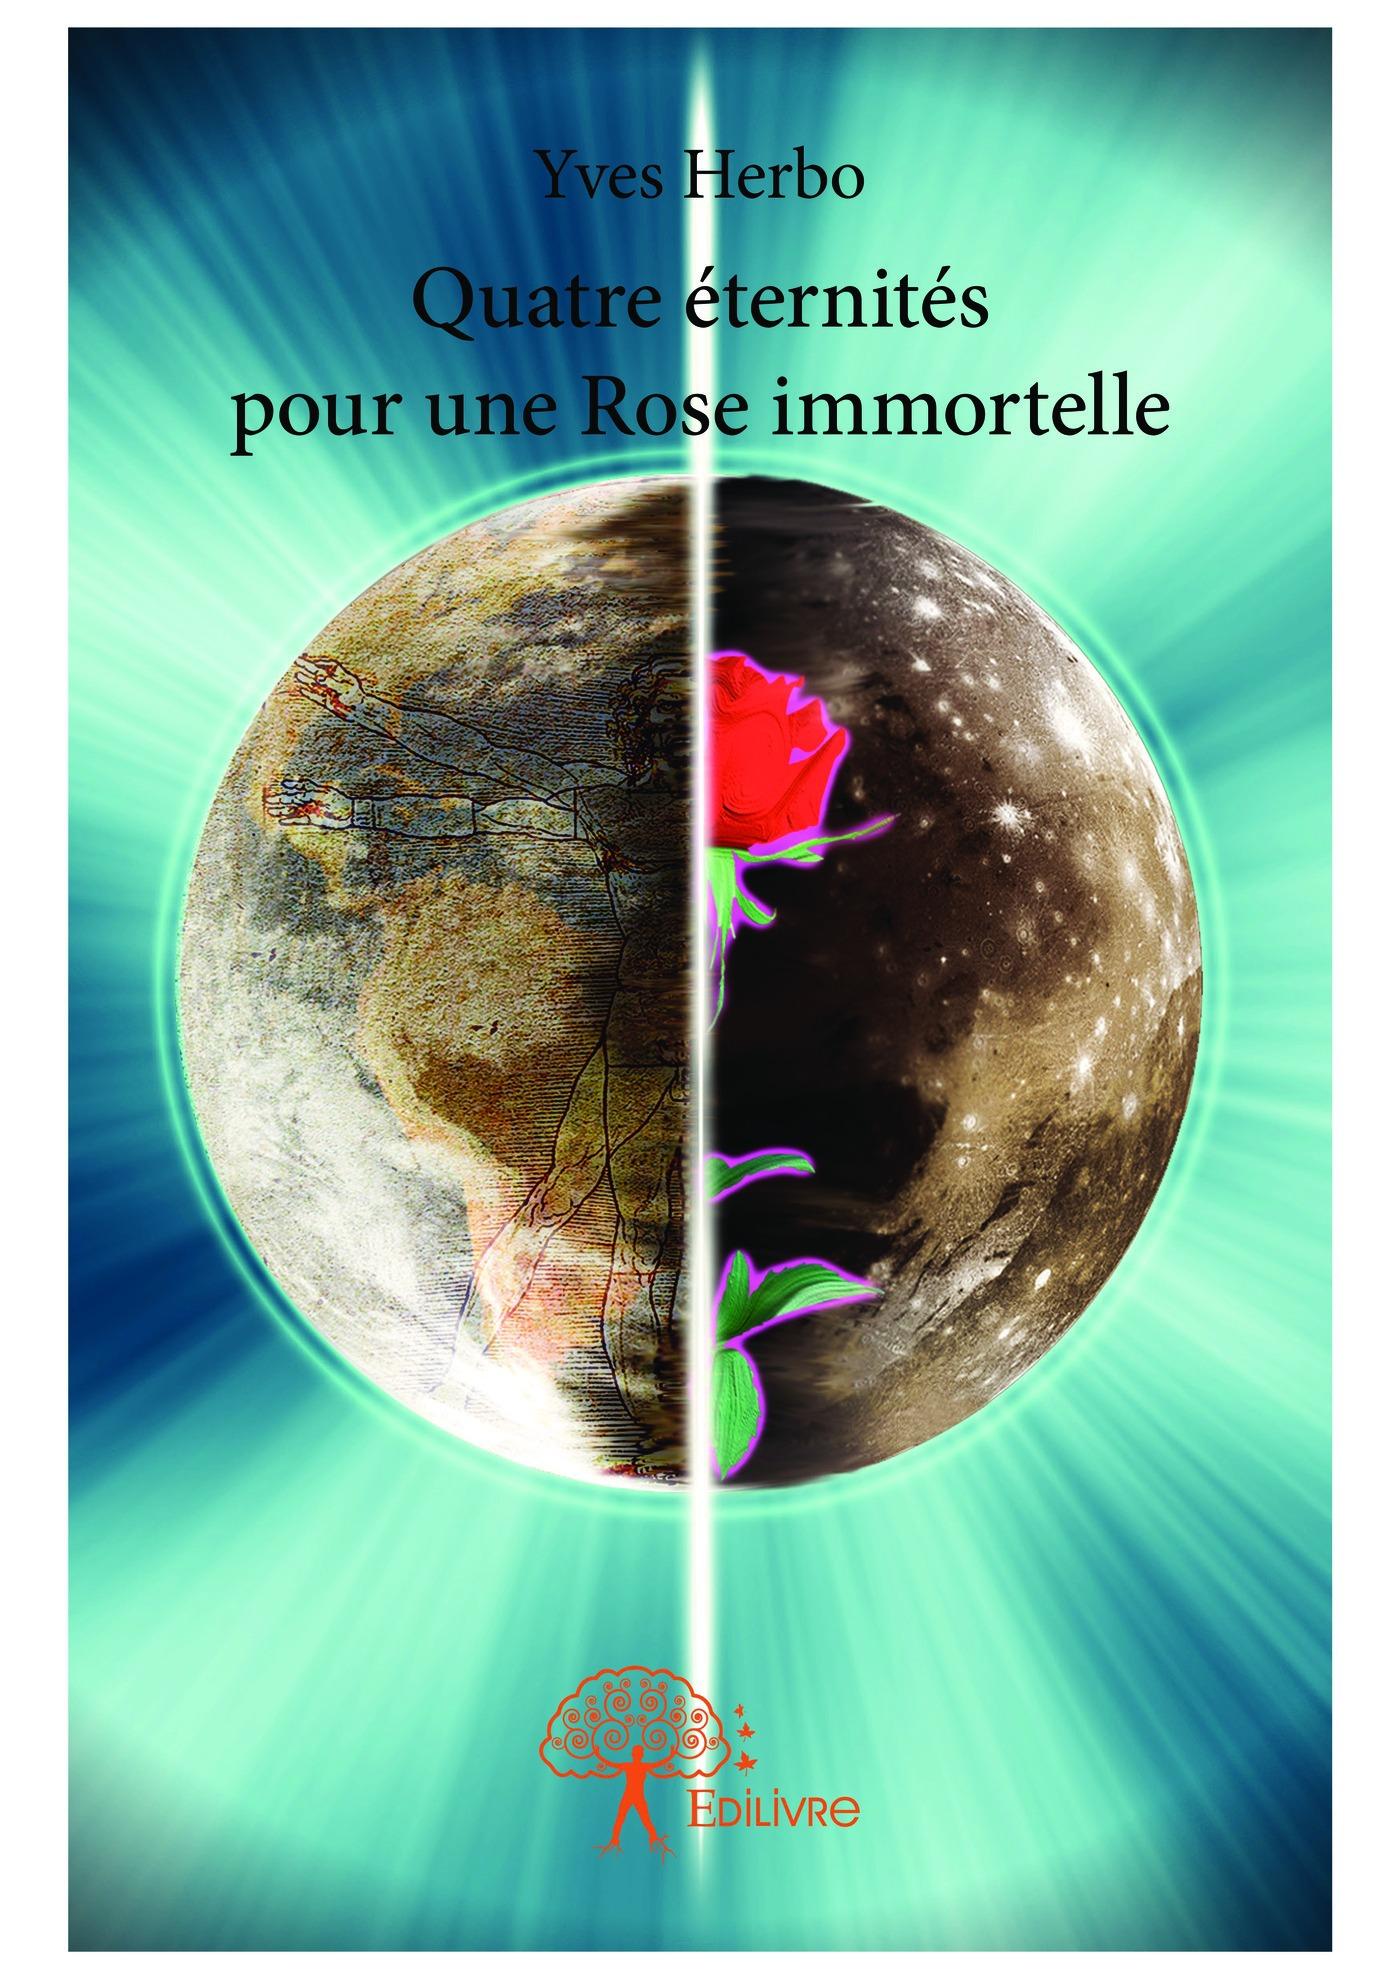 Quatre éternités pour une Rose immortelle  - Yves Herbo